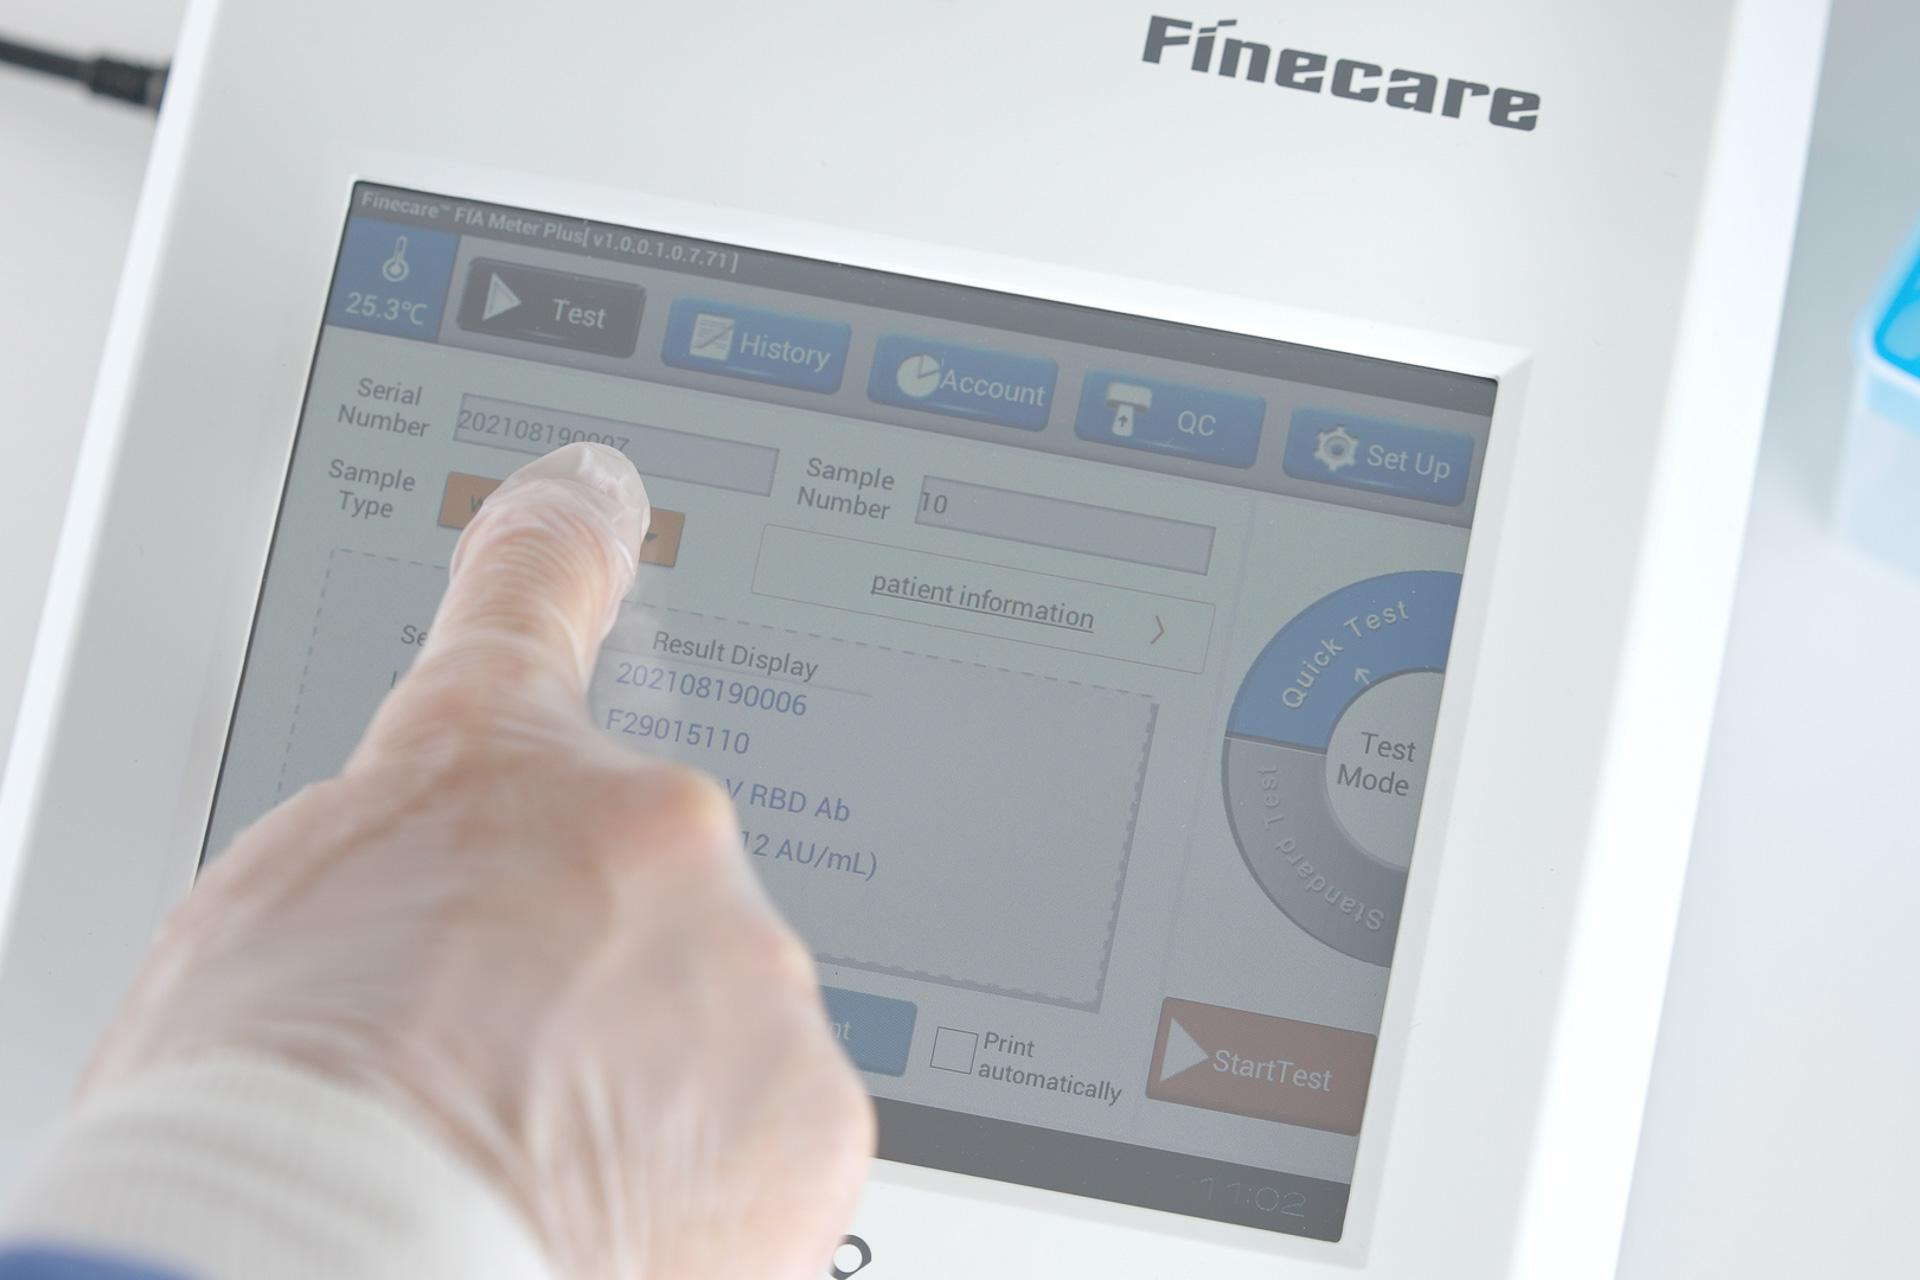 bm Finecare Touchscreen 2.4.1